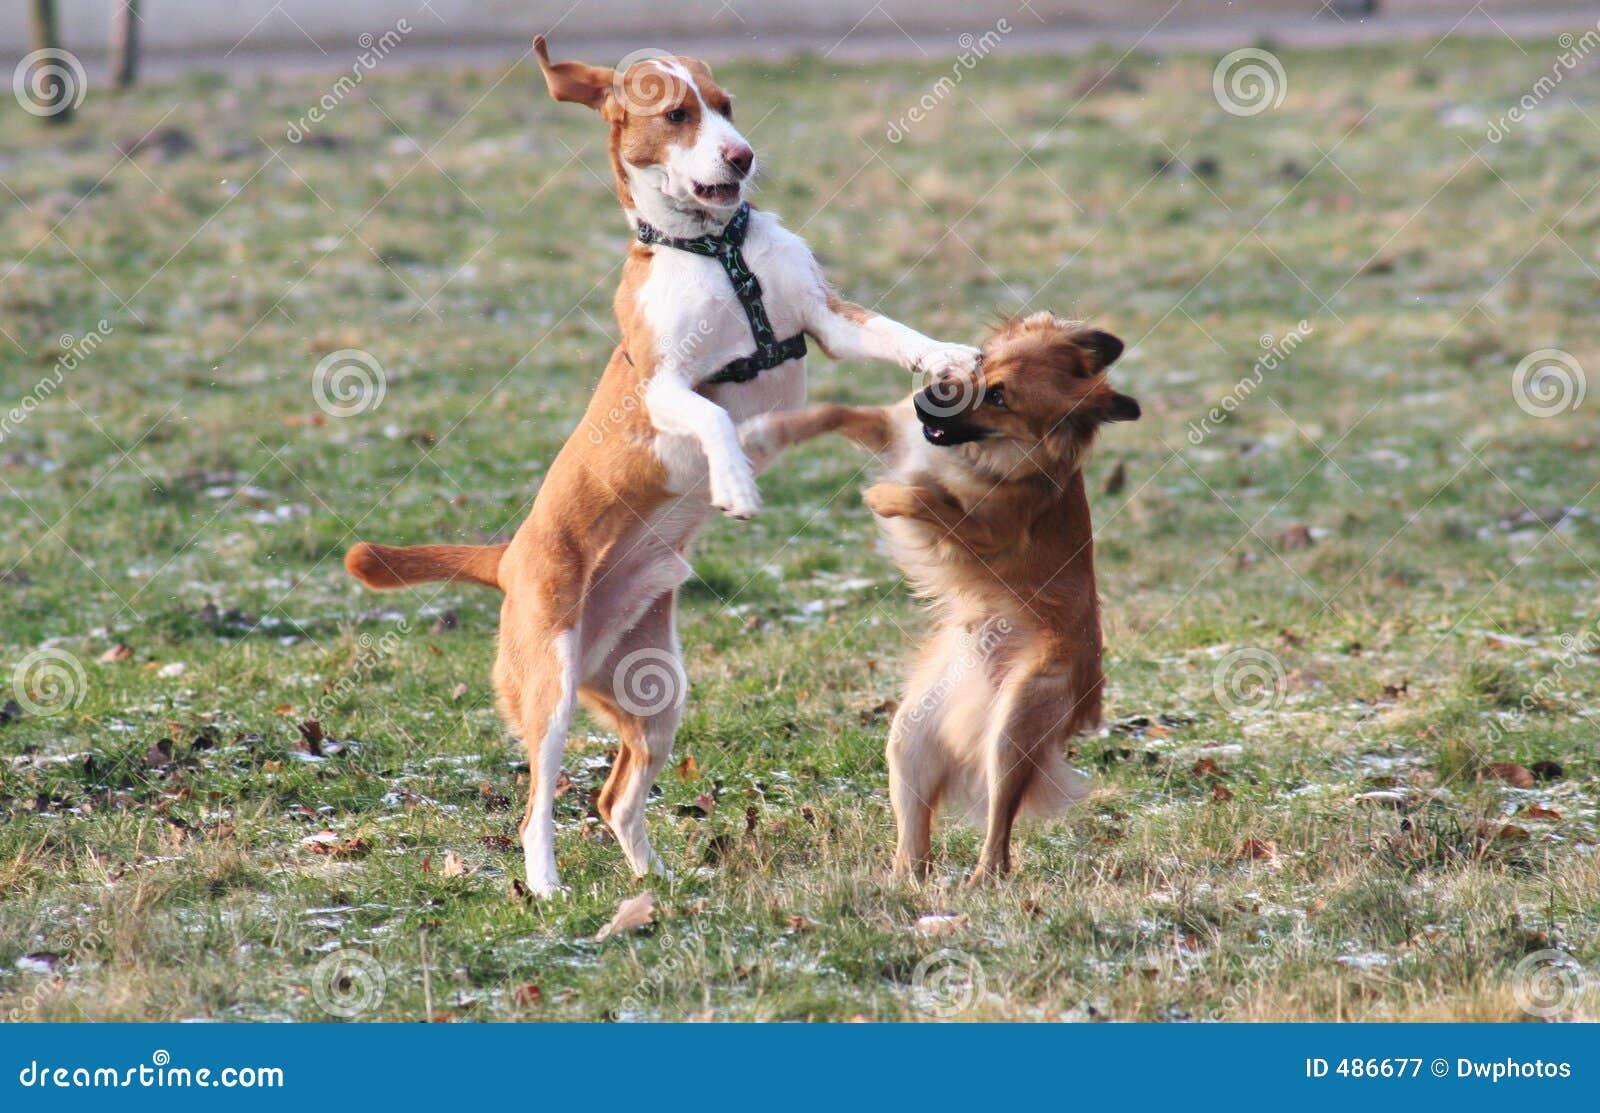 бой собаки